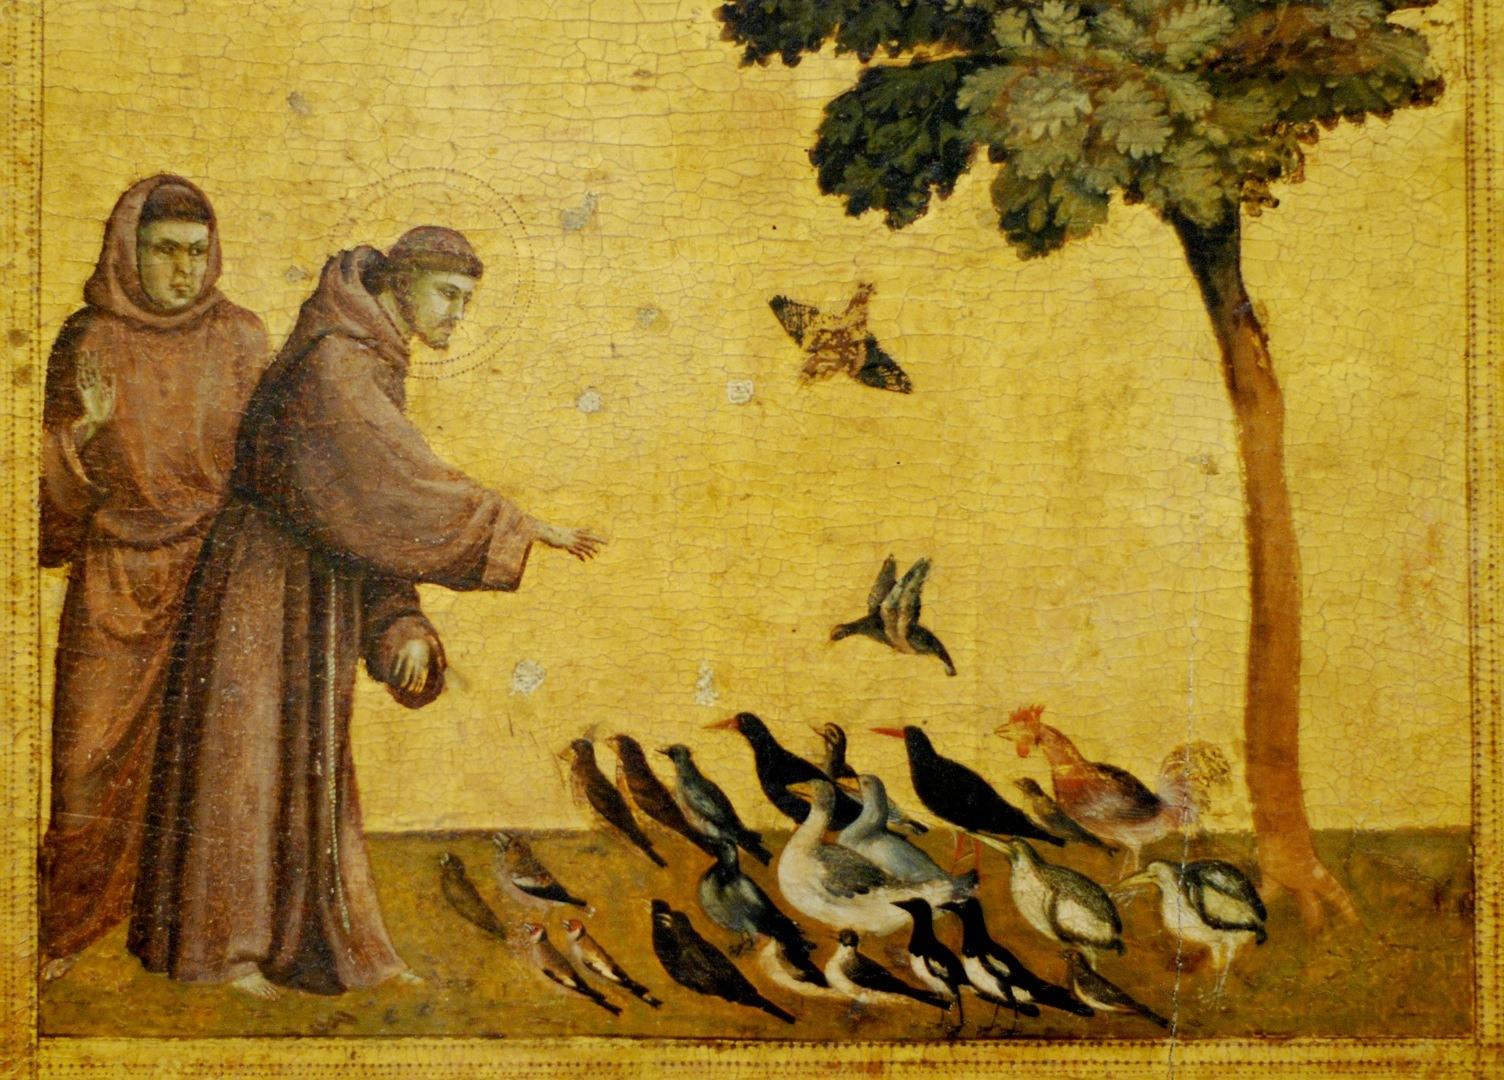 Obra de Giotto retrata o santo italiano em atividades mundanas carregadas de divindade